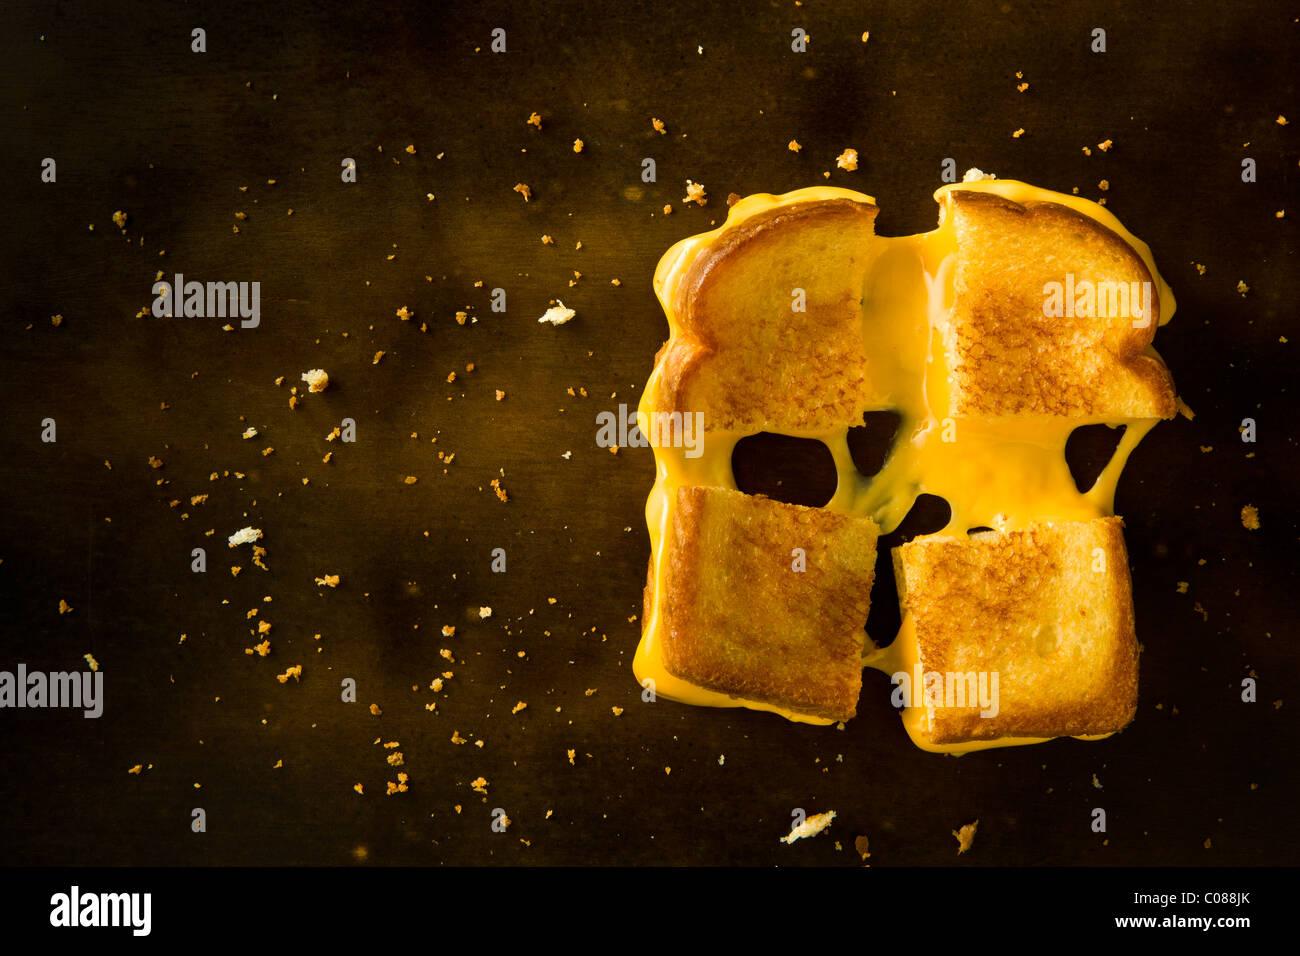 Un formaggio alla griglia panino tagliato in quattro piazze tirando il formaggio su una tavola di legno Foto Stock